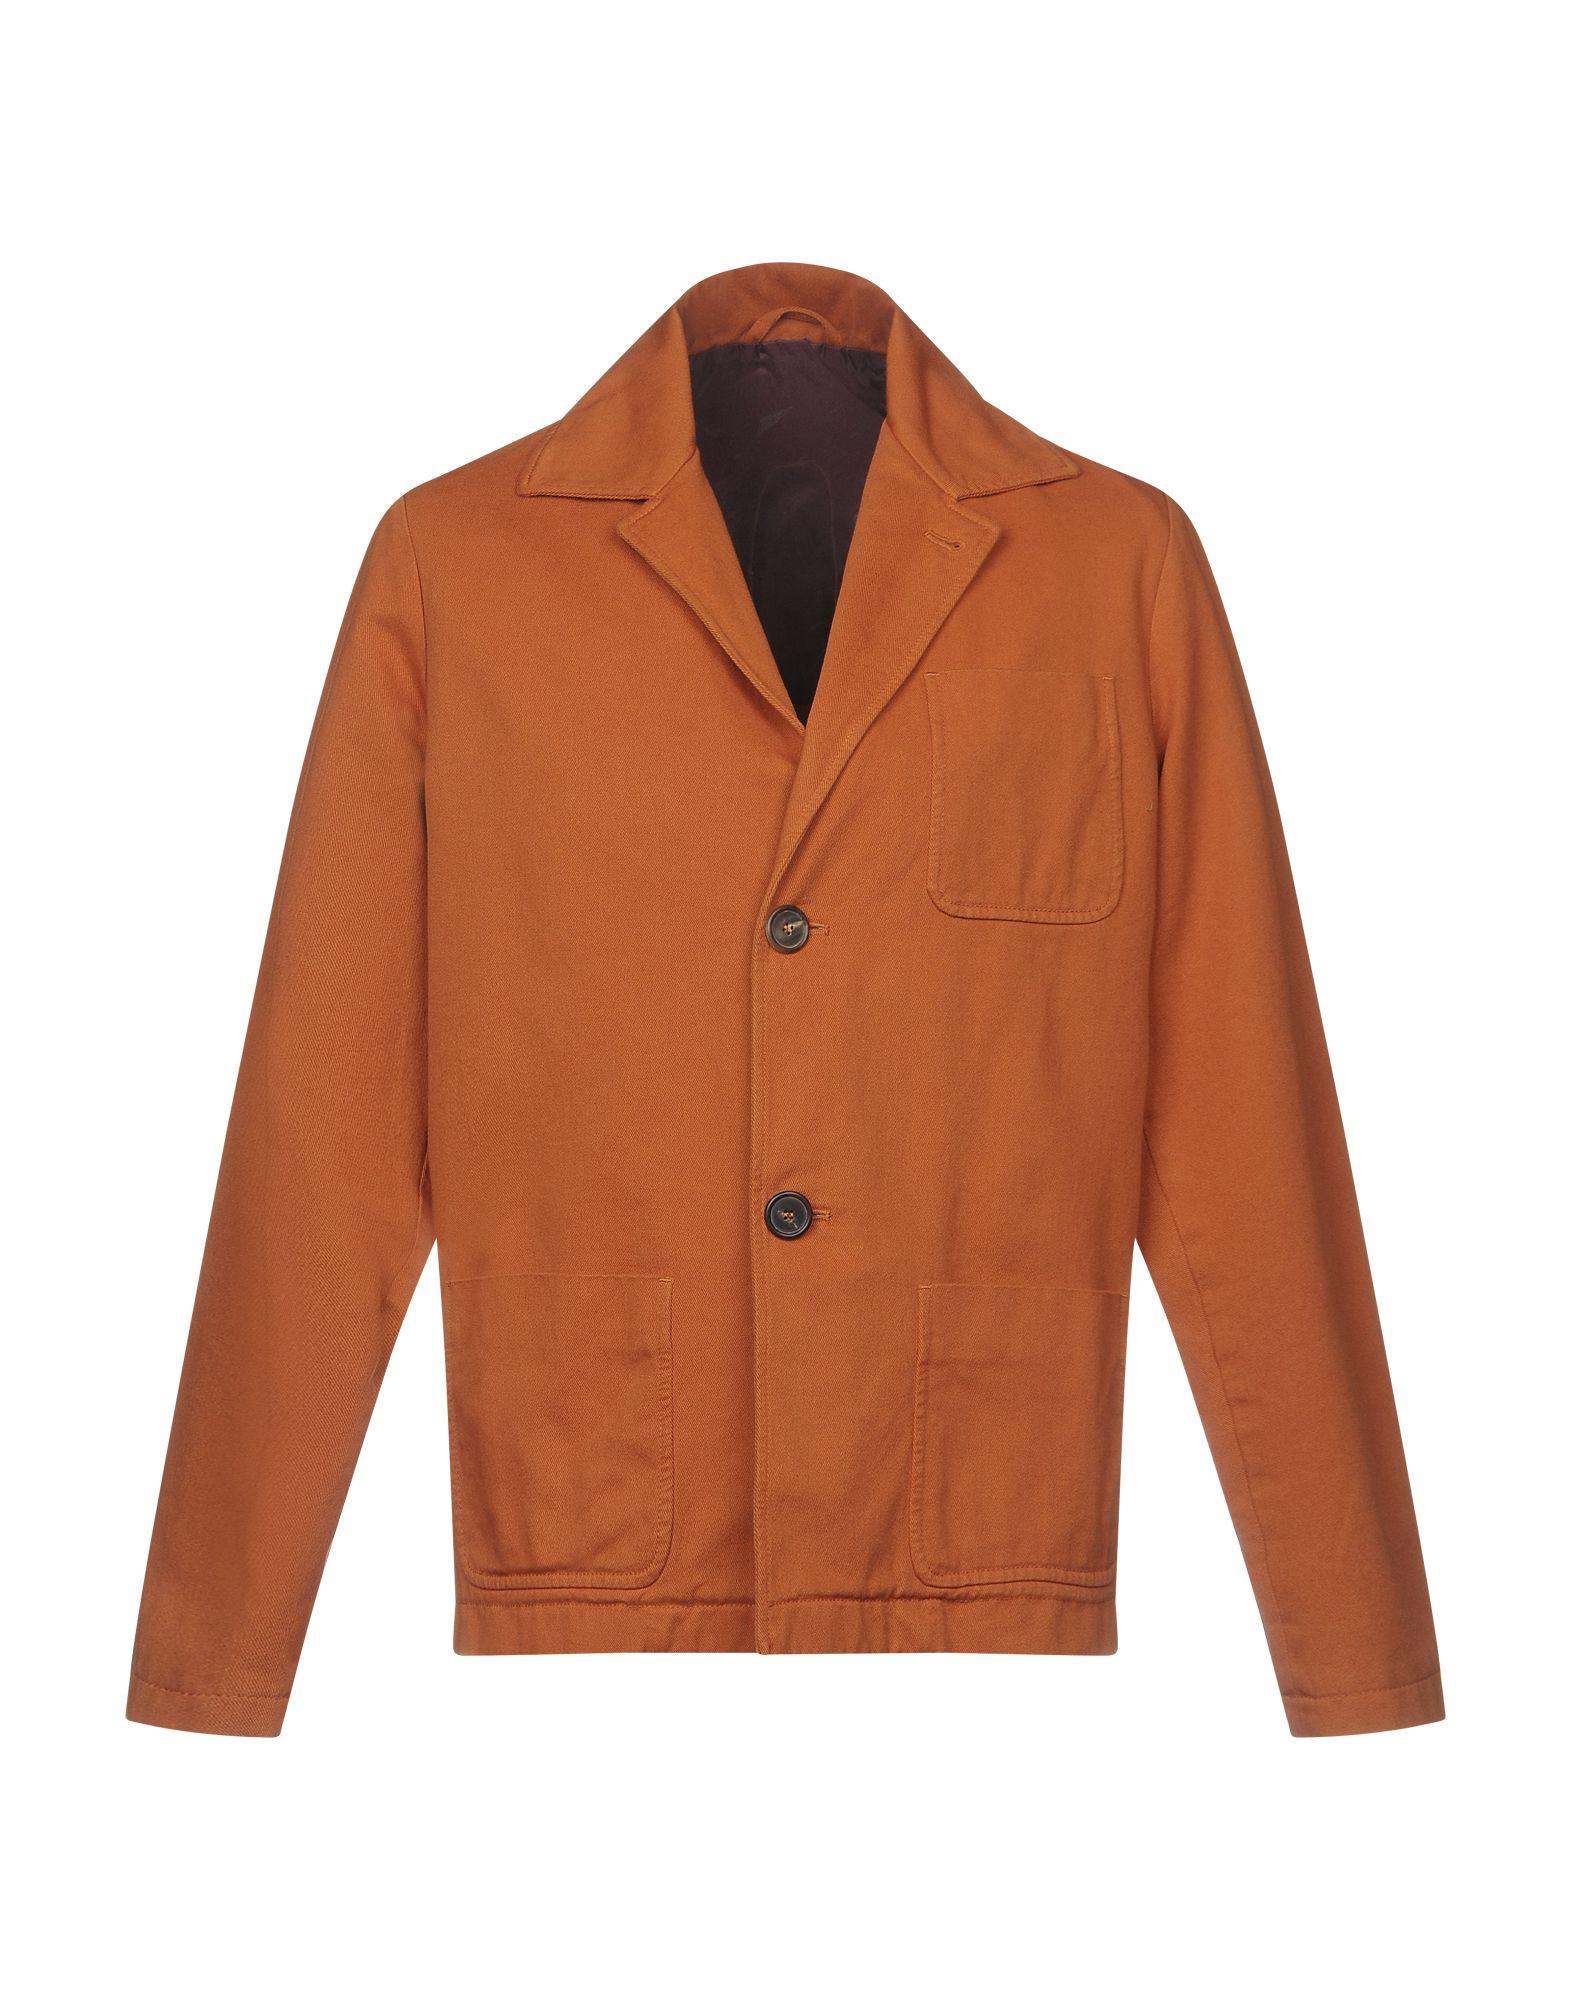 《送料無料》DOPPIAA メンズ テーラードジャケット 赤茶色 50 コットン 100%